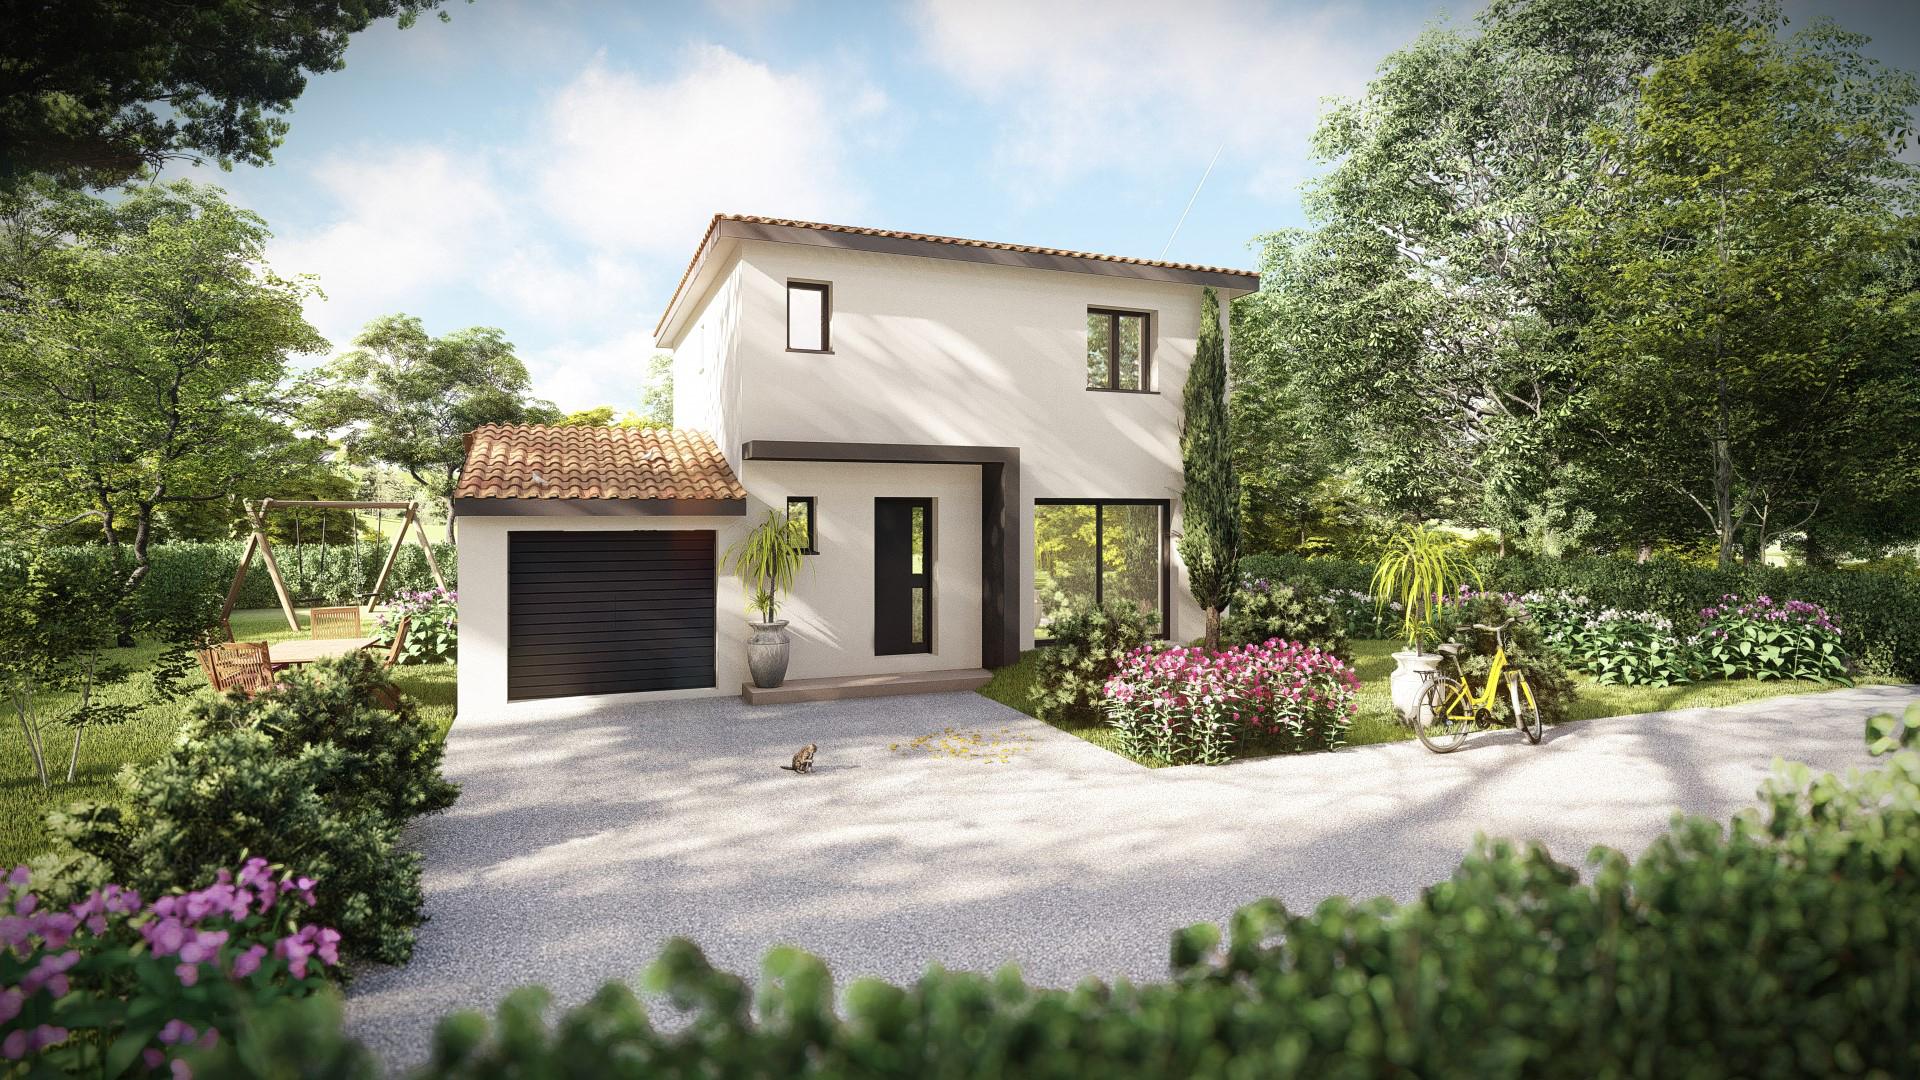 Maisons + Terrains du constructeur MV PROMOTION • 91 m² • CASTELNAU LE LEZ